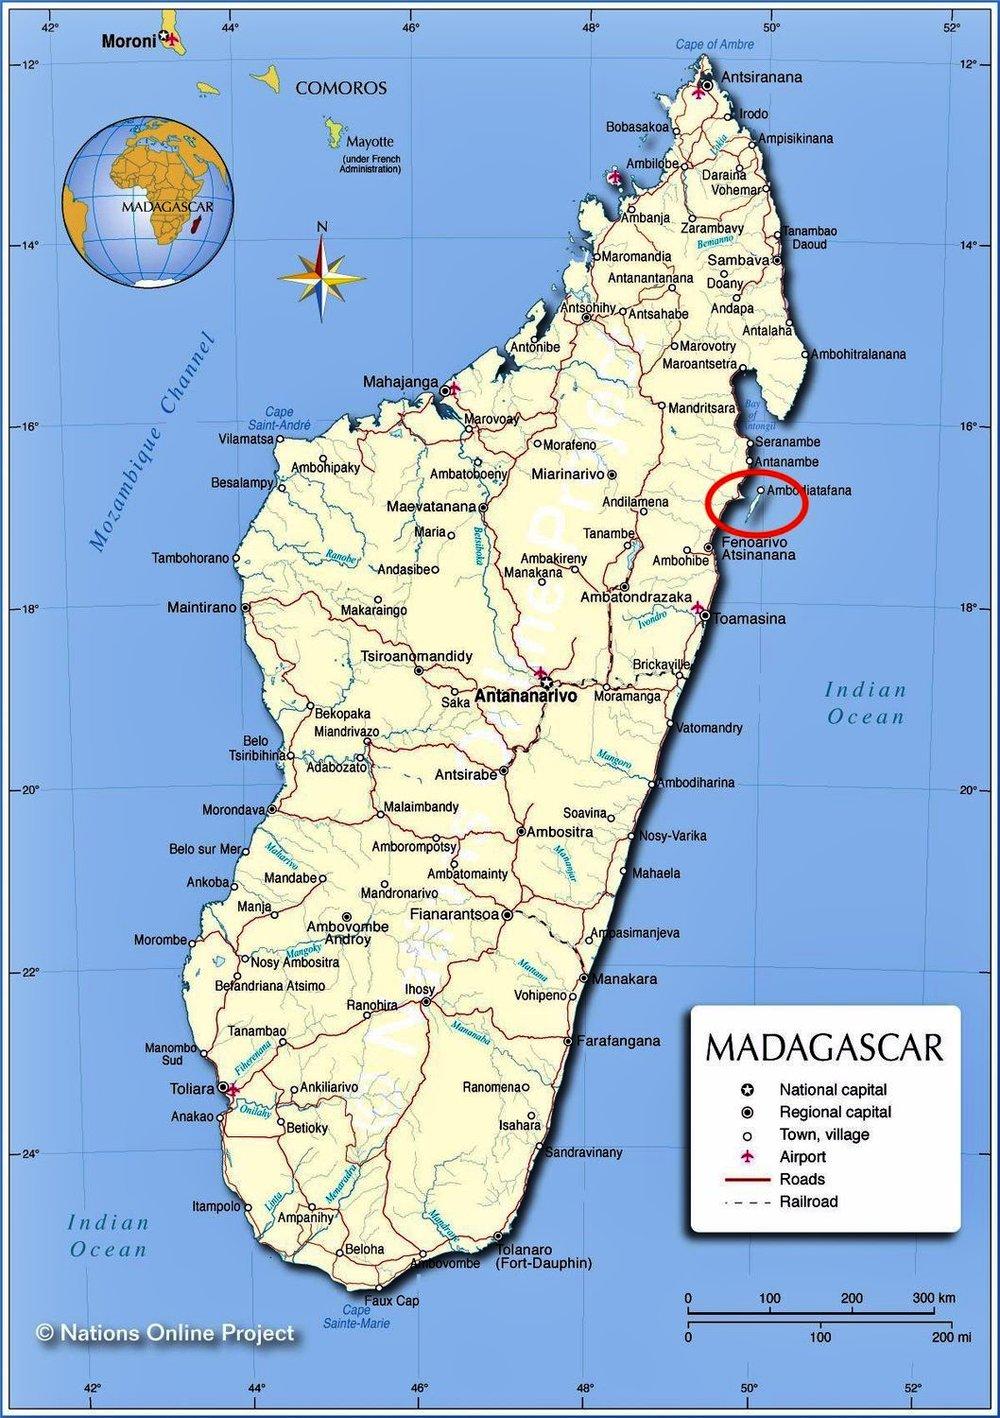 madagascar-map copyb.jpg